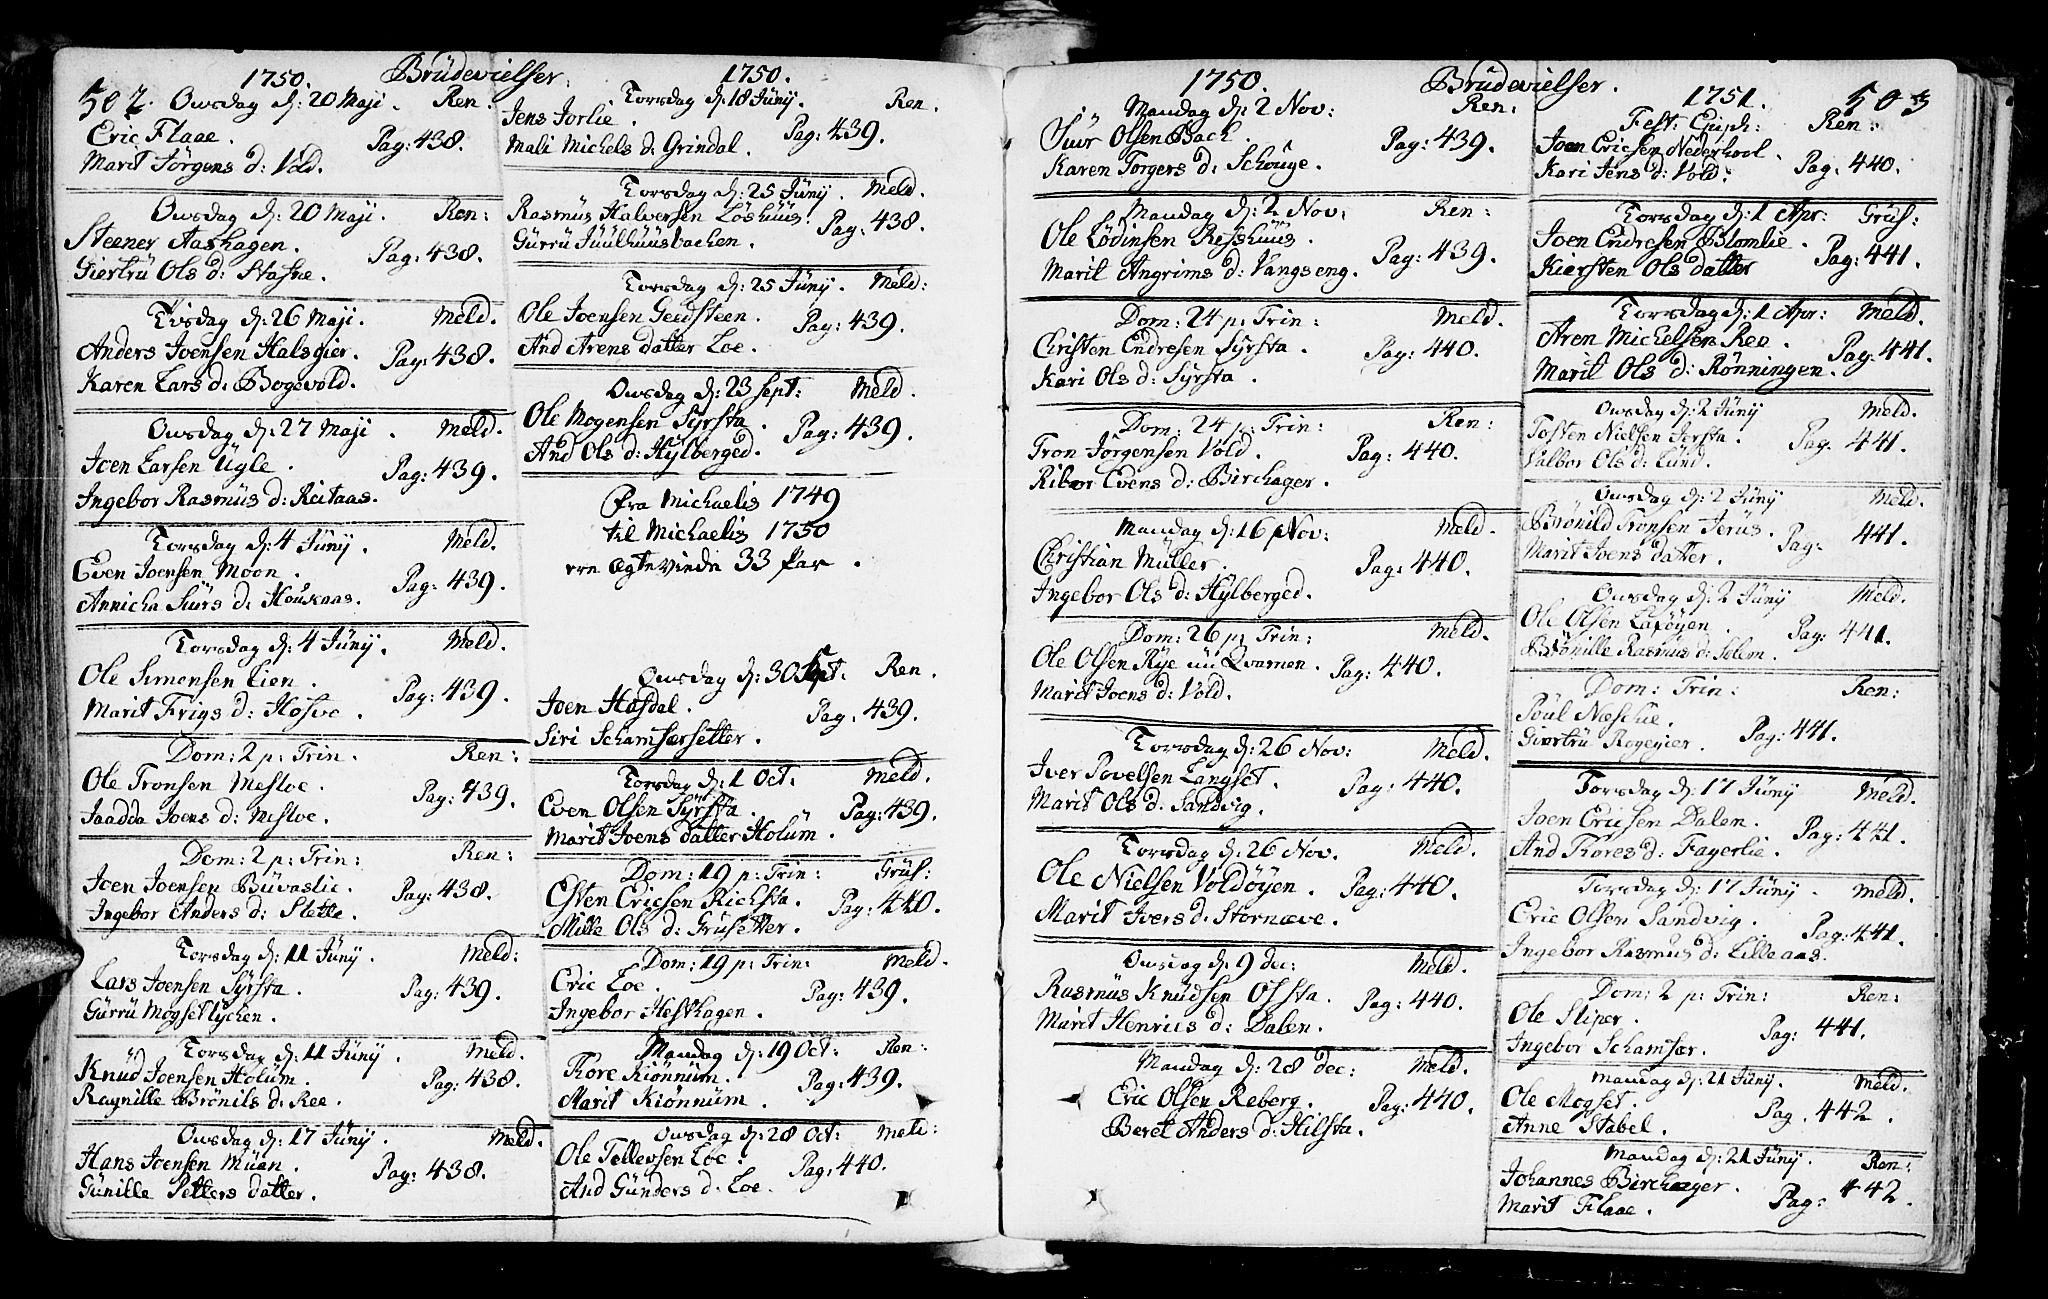 SAT, Ministerialprotokoller, klokkerbøker og fødselsregistre - Sør-Trøndelag, 672/L0850: Ministerialbok nr. 672A03, 1725-1751, s. 502-503